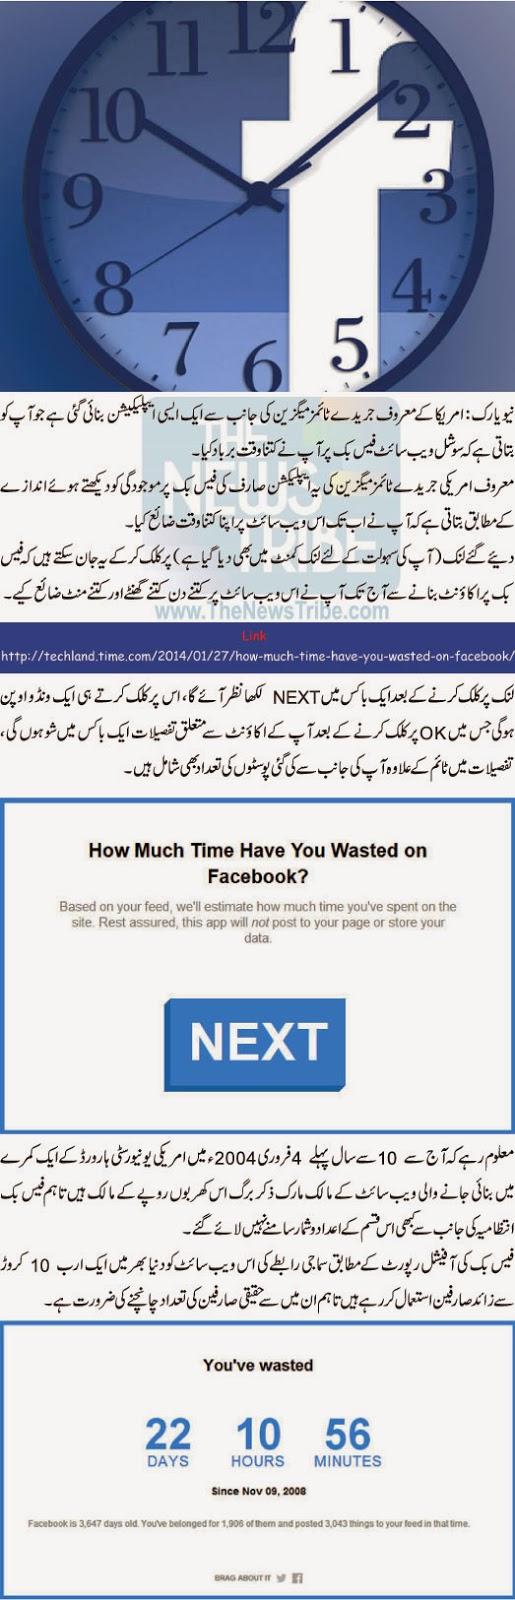 Facebook, FAcebook news, facebook wallpapers, Founder of Facebook, Intresting, intresting wallpaper, News Paper, Technology News,